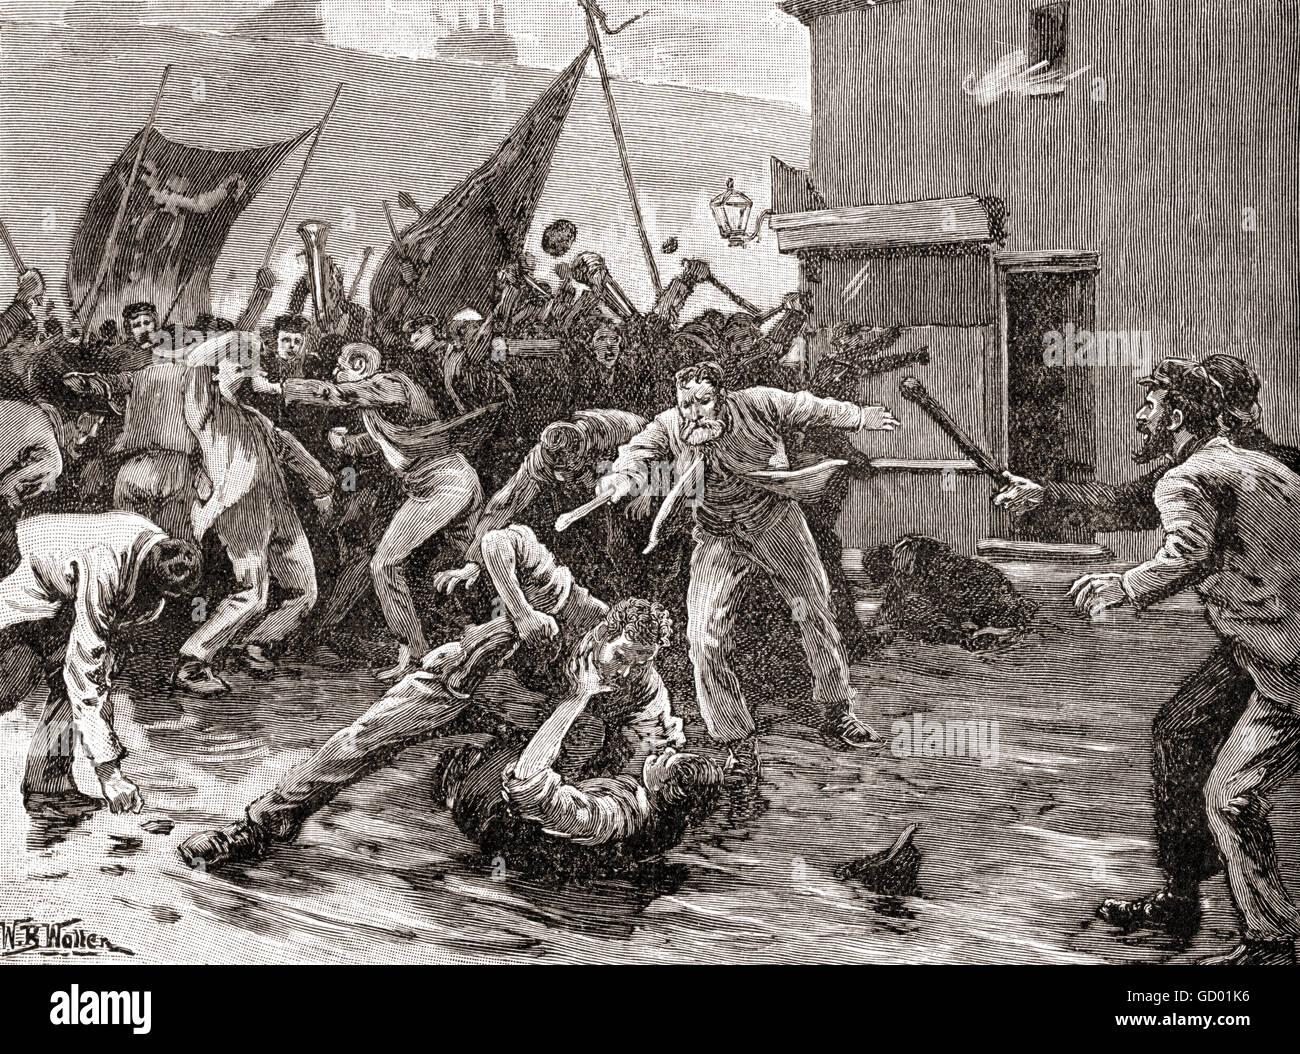 Rioting in Belfast, Ireland in 1886. - Stock Image